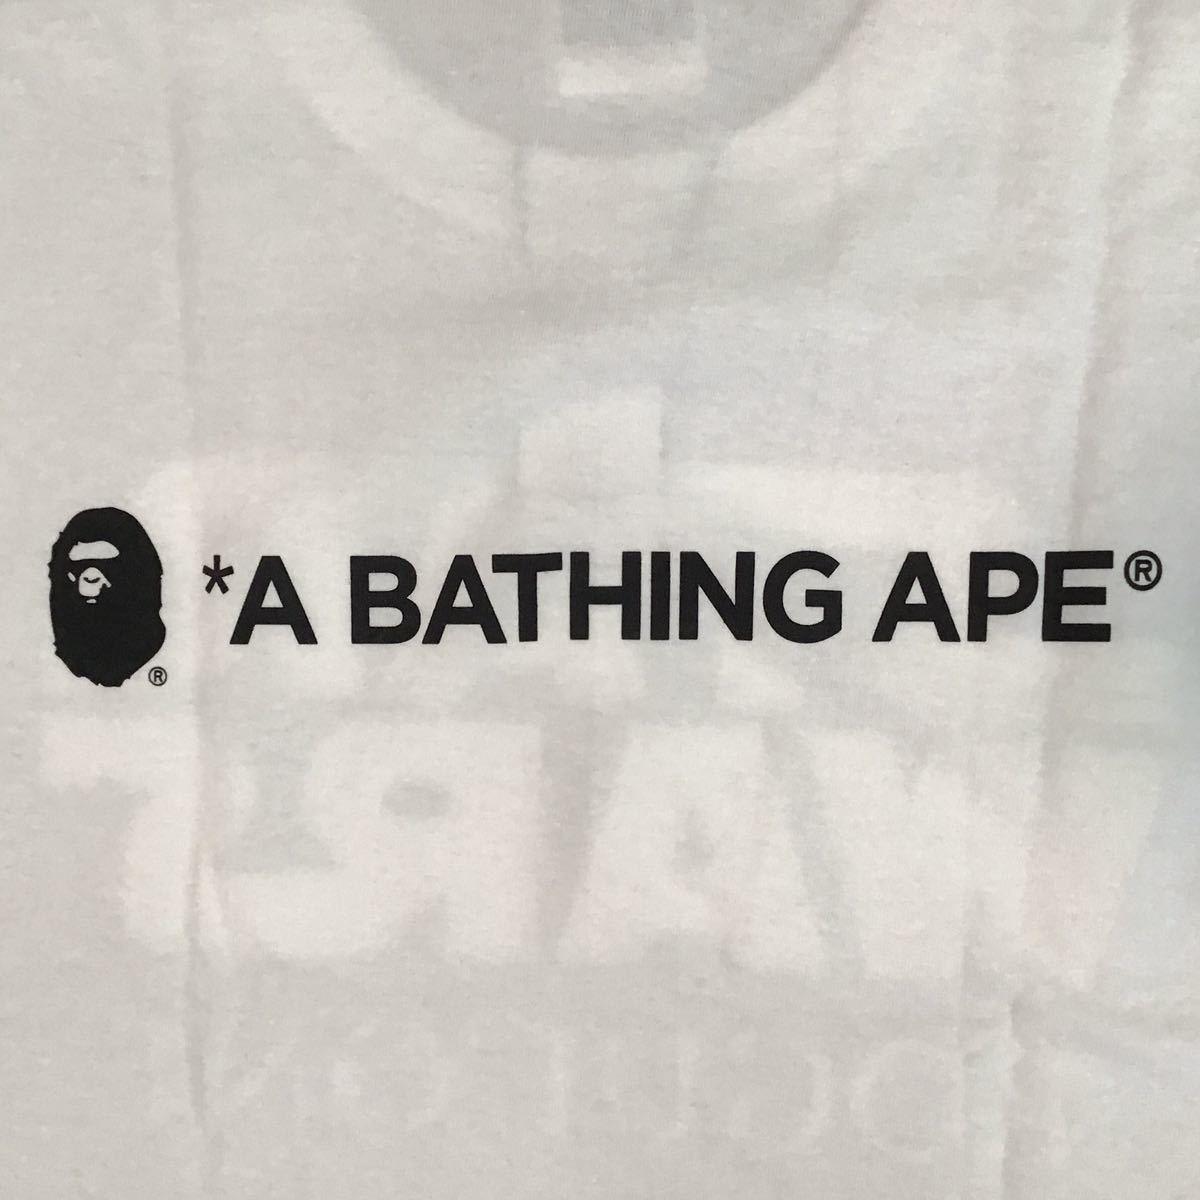 ★新品★ starwars × BAPE Tシャツ Sサイズ a bathing ape スターウォーズ エイプ ベイプ アベイシングエイプ milo ダースベイダー y698